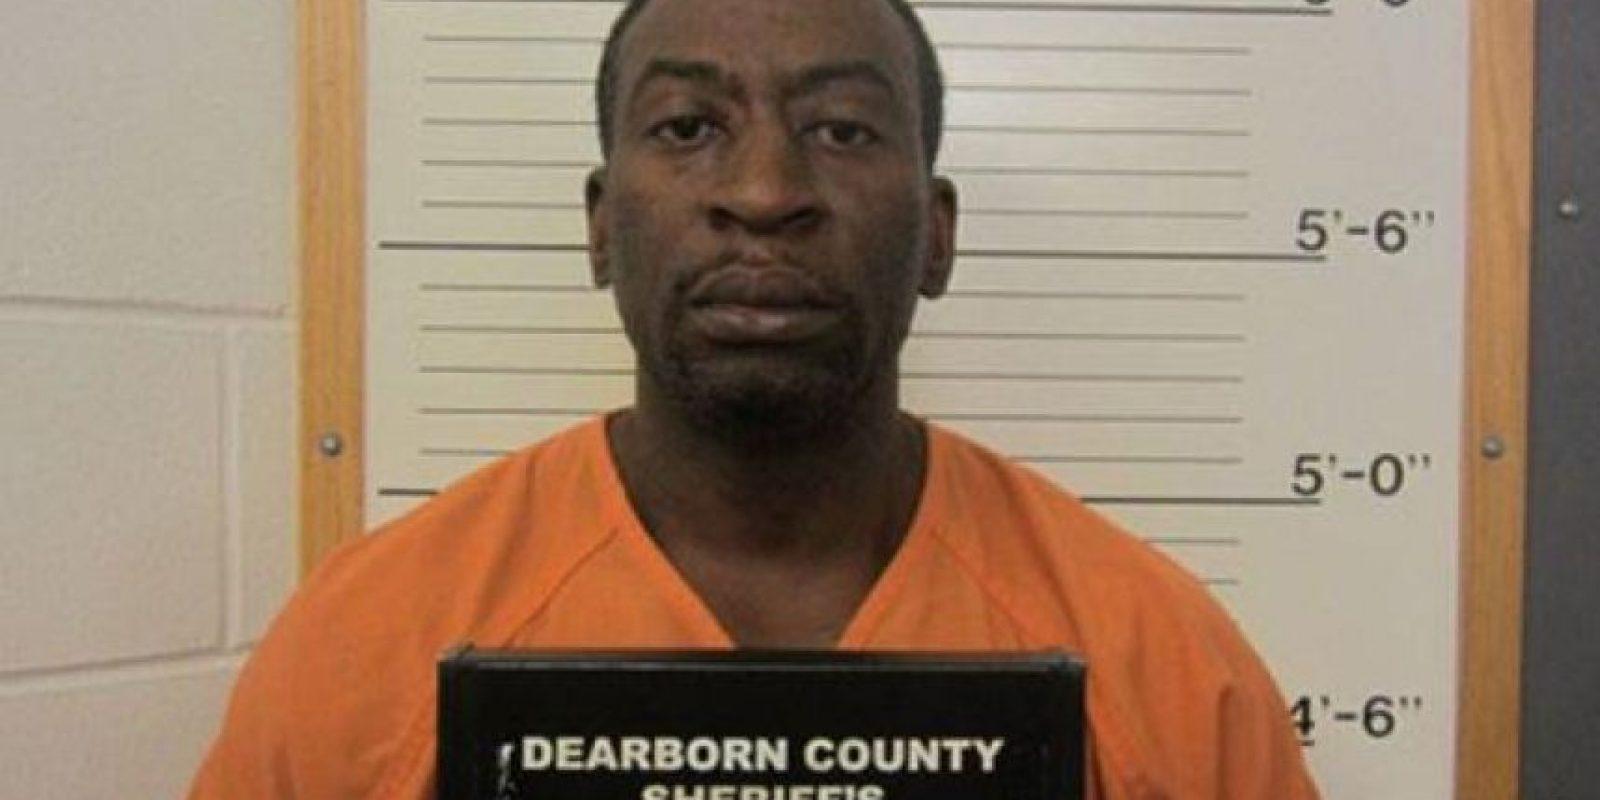 Shandell Willingham, de 40 años de edad, vendedor de droga Foto:Hamilton County Sheriff's Office